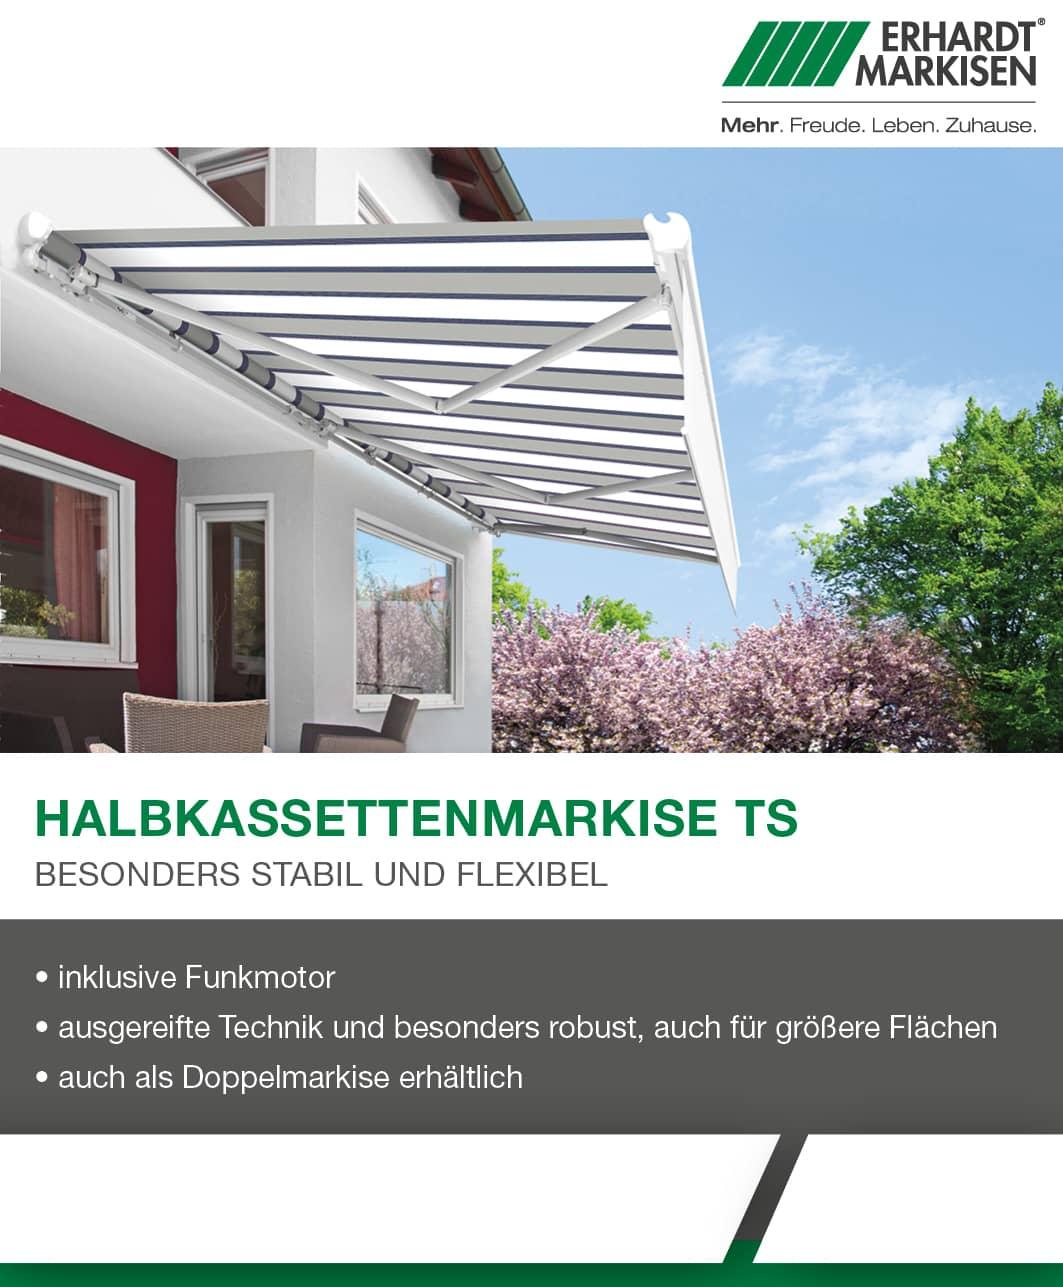 Aktionsangebot Halbkassettenmarkise TS